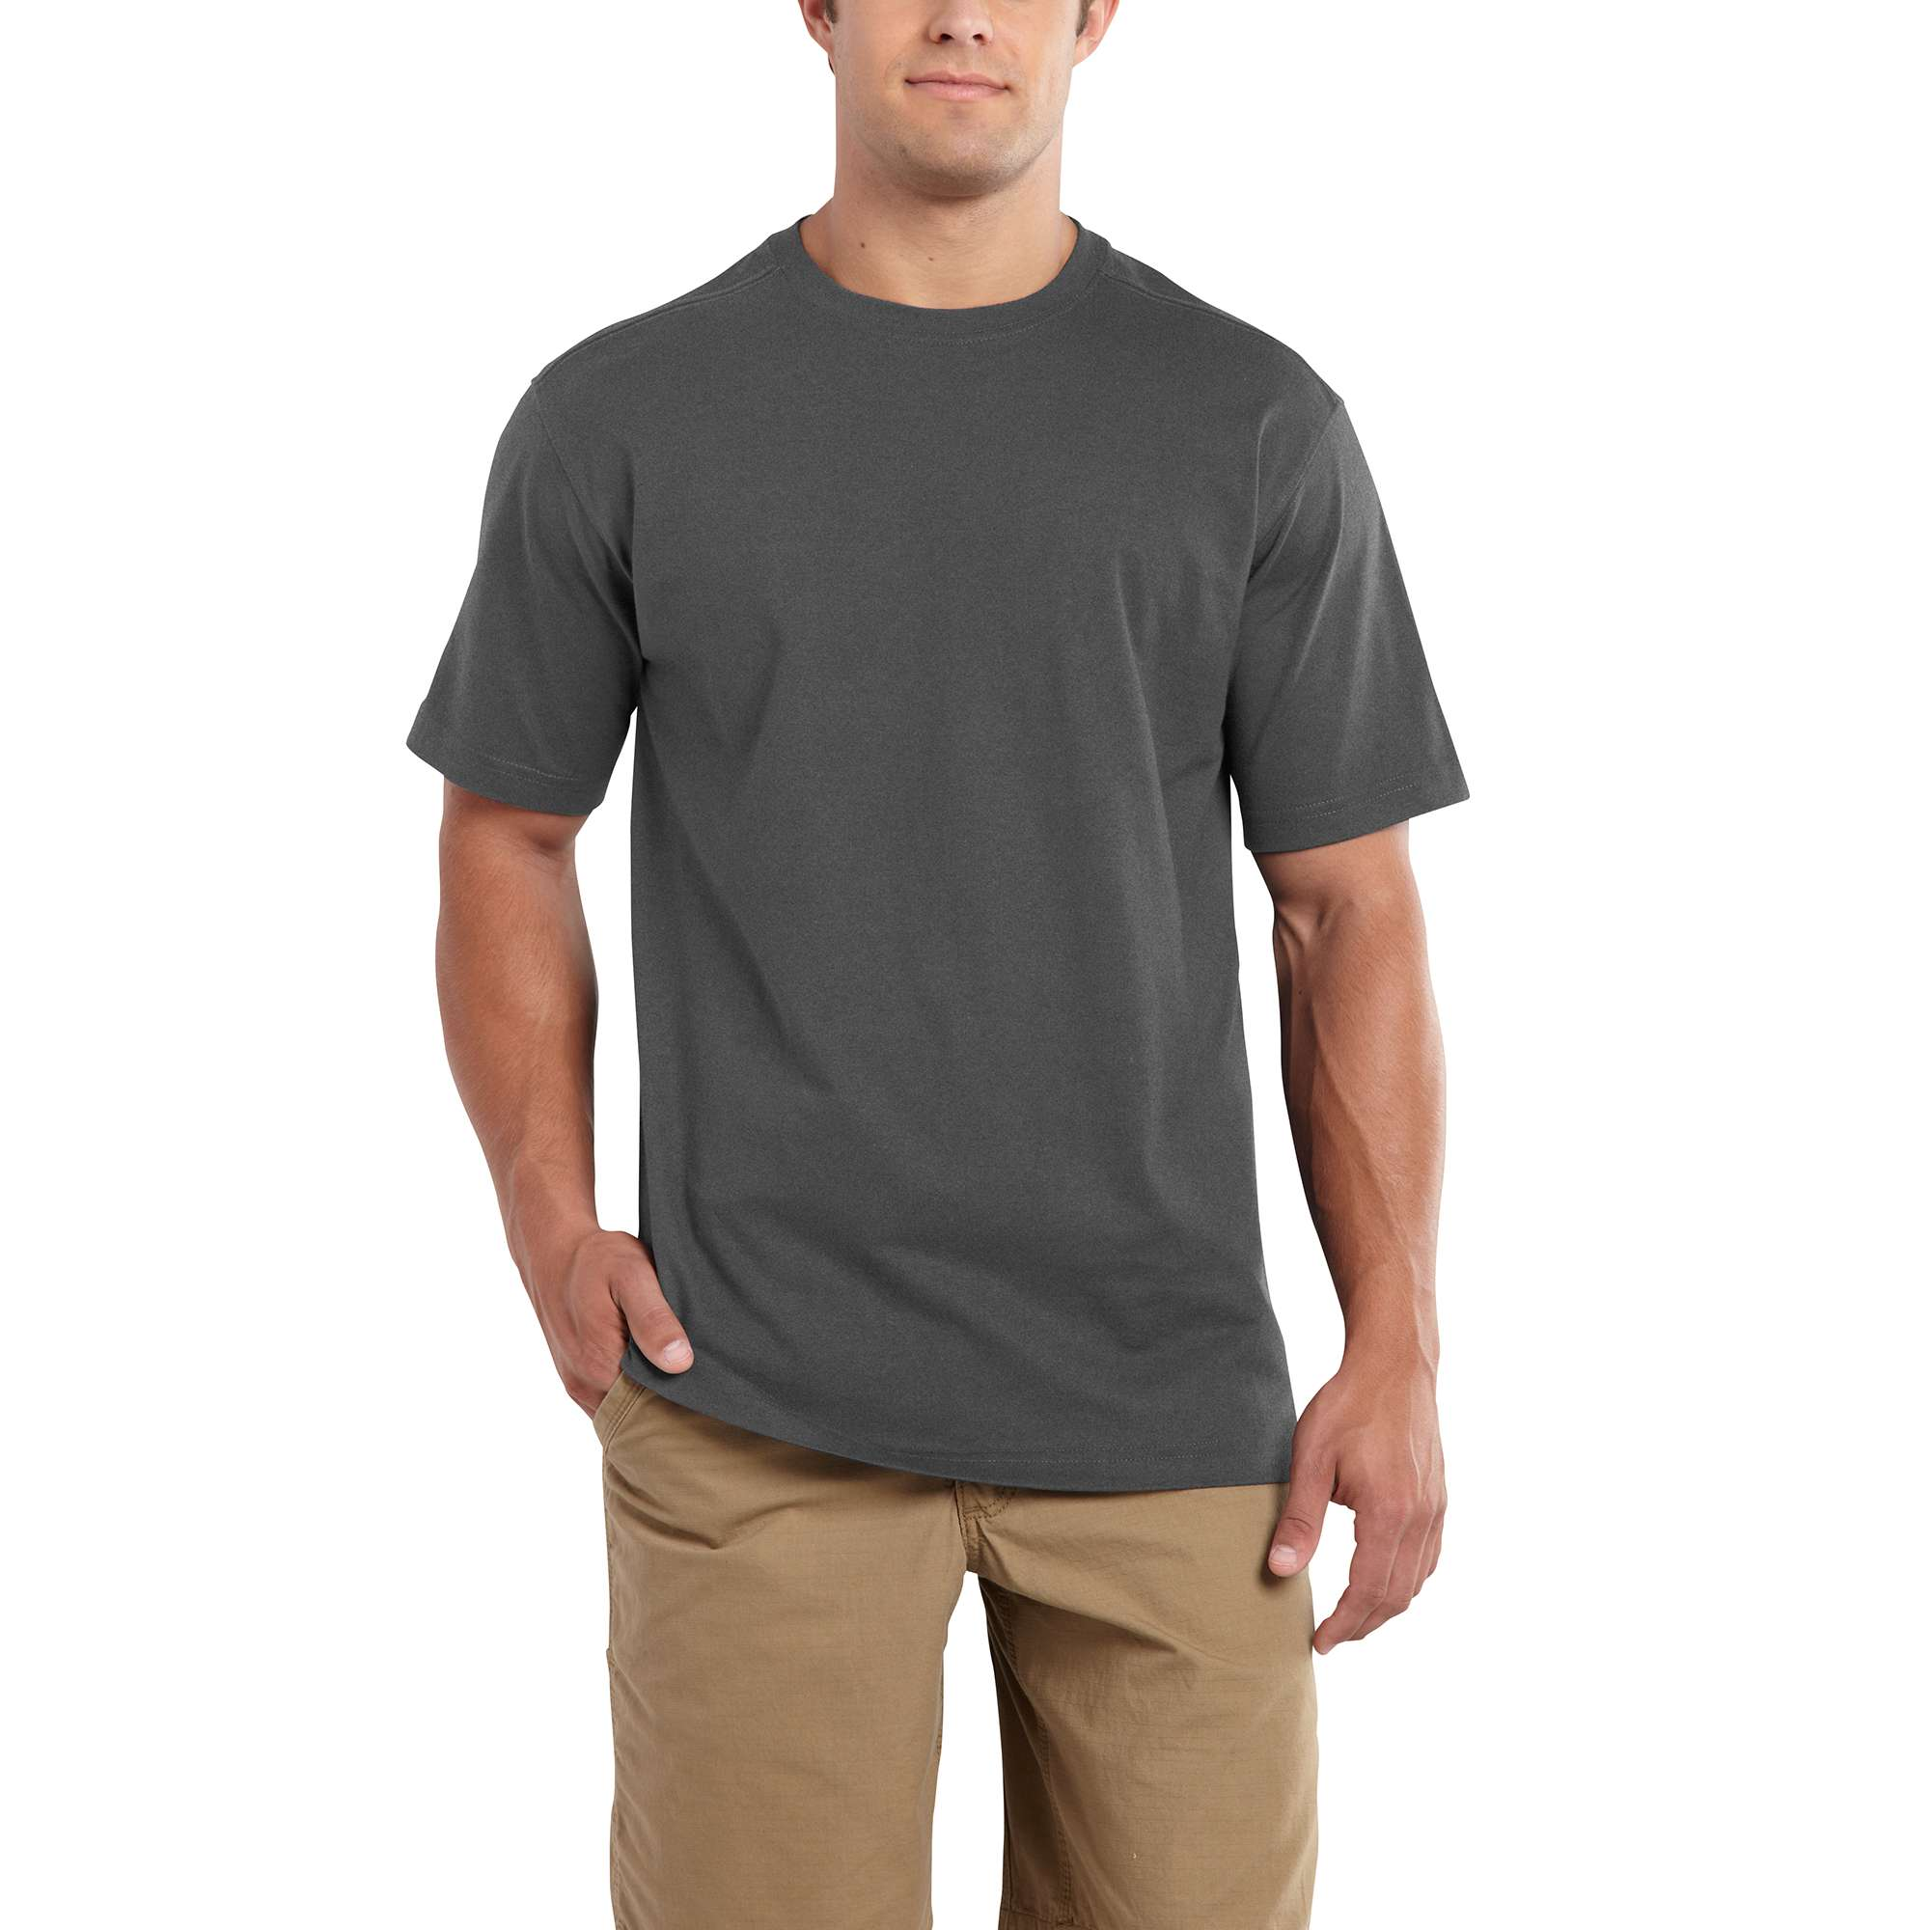 Carhartt Maddock Non-pocket Short-sleeve T-shirt